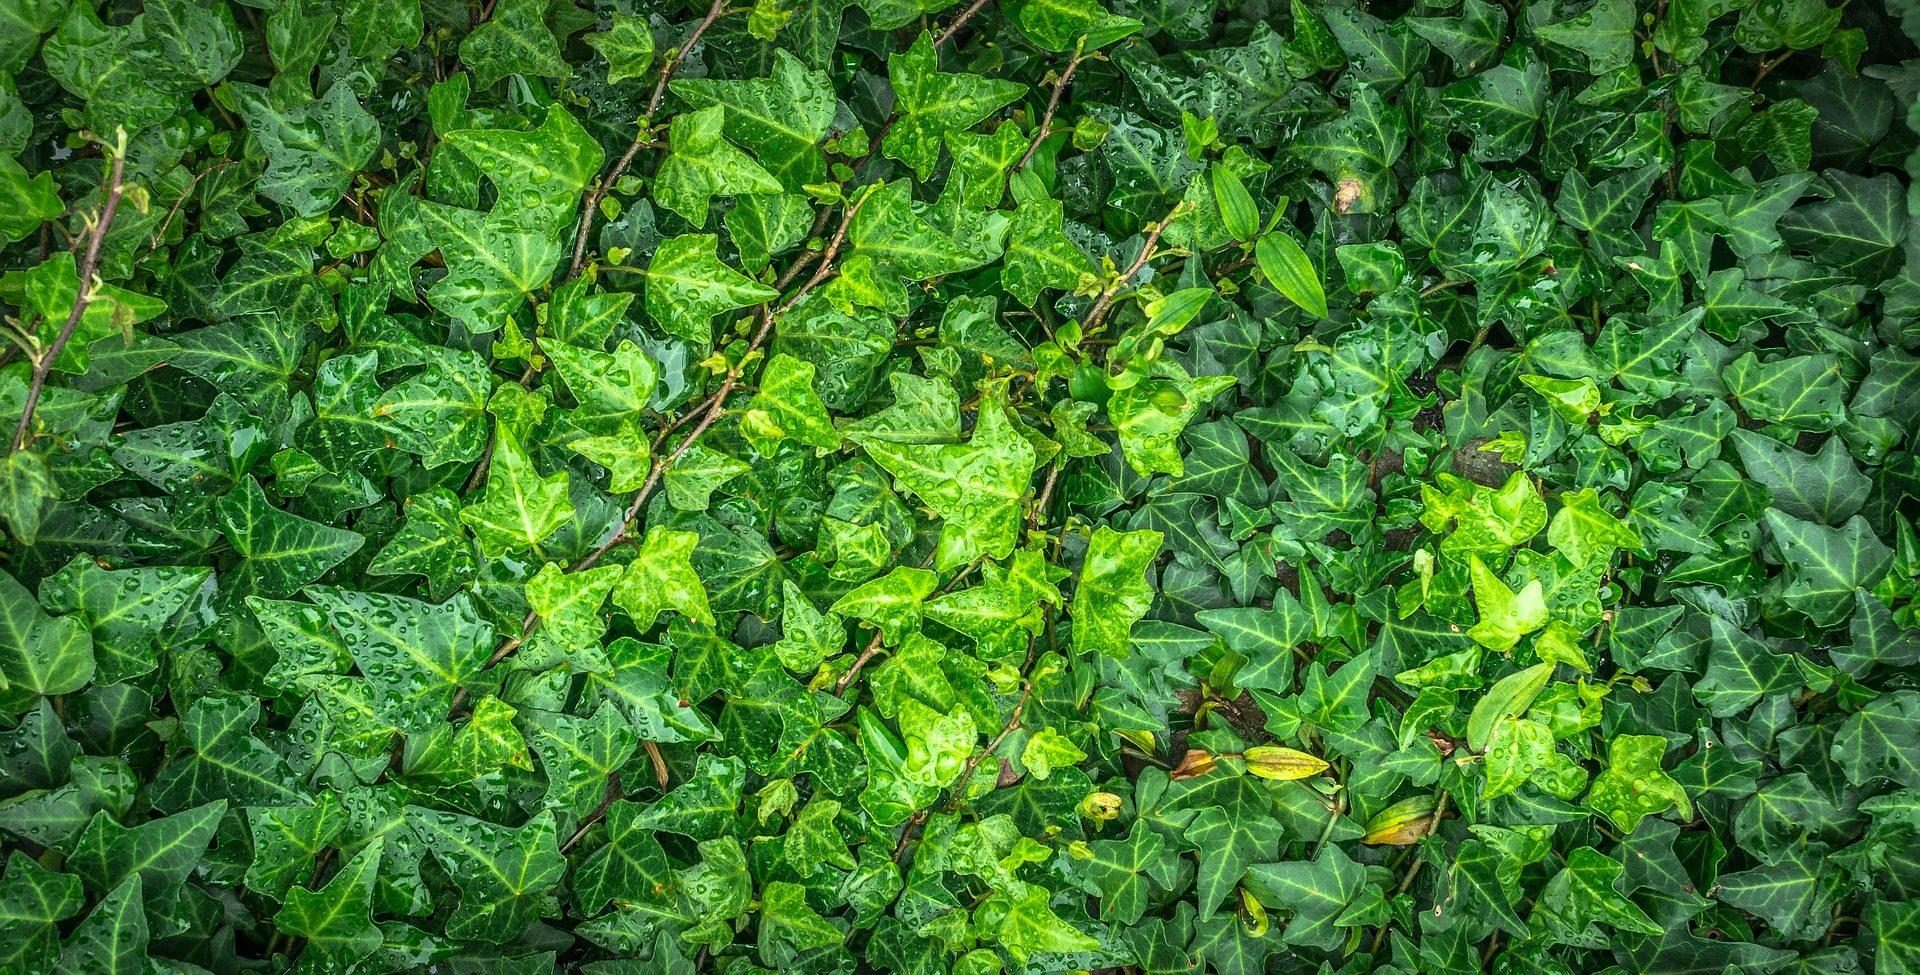 पत्ते, संयंत्रों, वनस्पति, लता, ग्रीन - HD वॉलपेपर - प्रोफेसर-falken.com